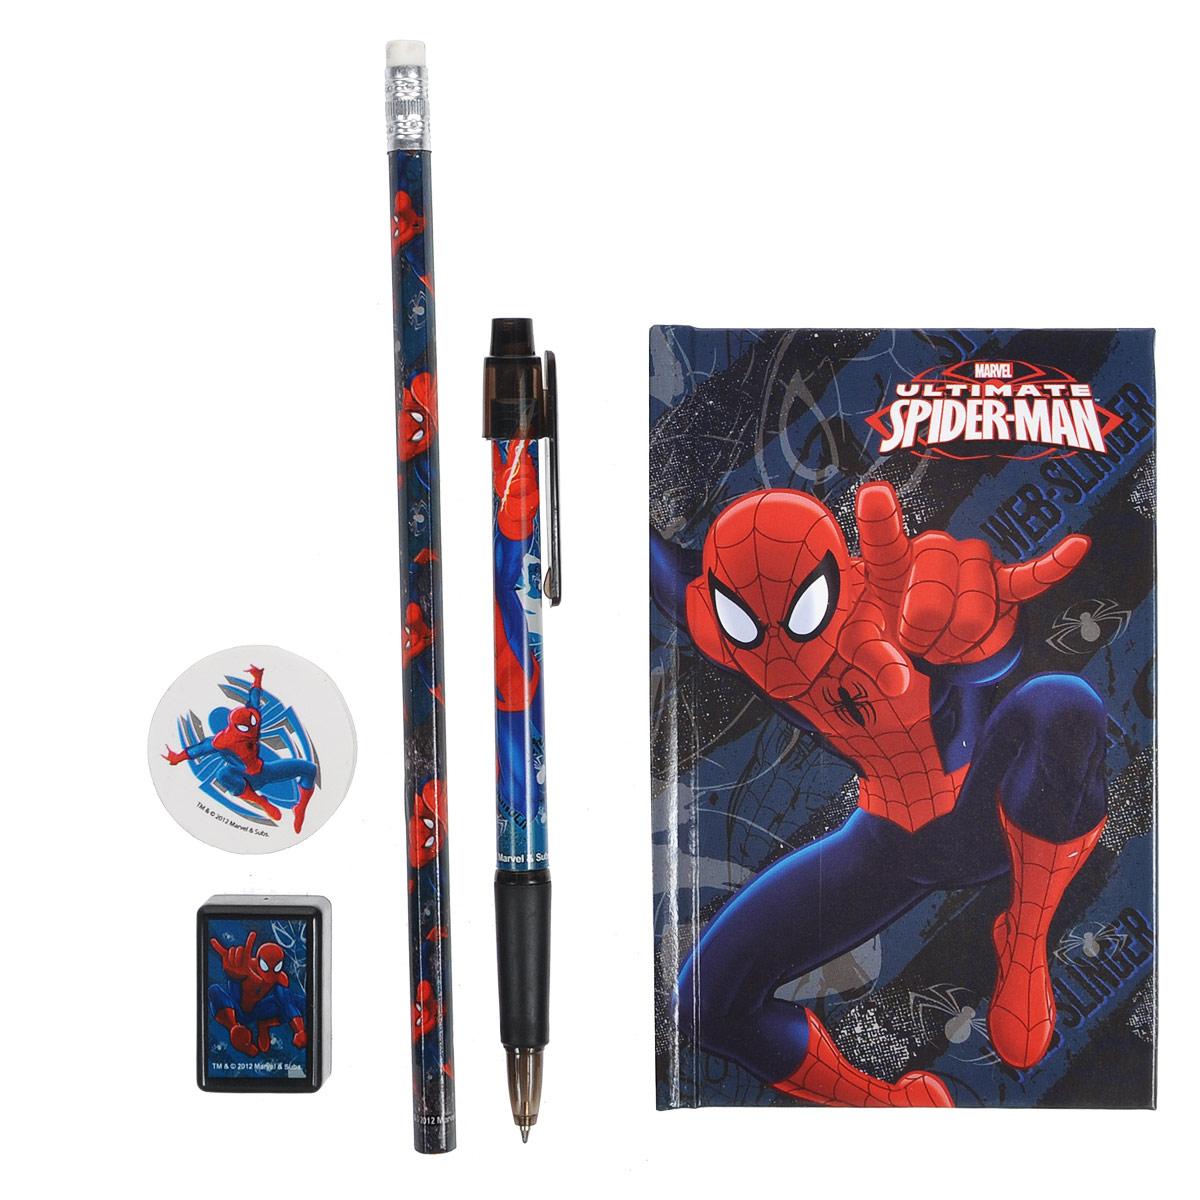 Канцеляркий набор Spider-man, 5 предметовSMAB-US1-360Канцелярский набор Spider-man станет незаменимым атрибутом в учебе любого школьника.Он включает в себя блокнот, чернографитный карандаш с ластиком, точилку, круглый ластик и автоматическую ручку. Блокнот снабжен твердой обложкой, внутренний блок содержит листы в линейку с печатью. Ручка снабжена прорезиненной вставкой в области захвата, подача стержня производится путем нажатия на кнопку в верхней части ручки. Все предметы набора оформлены изображениями Человека-Паука.